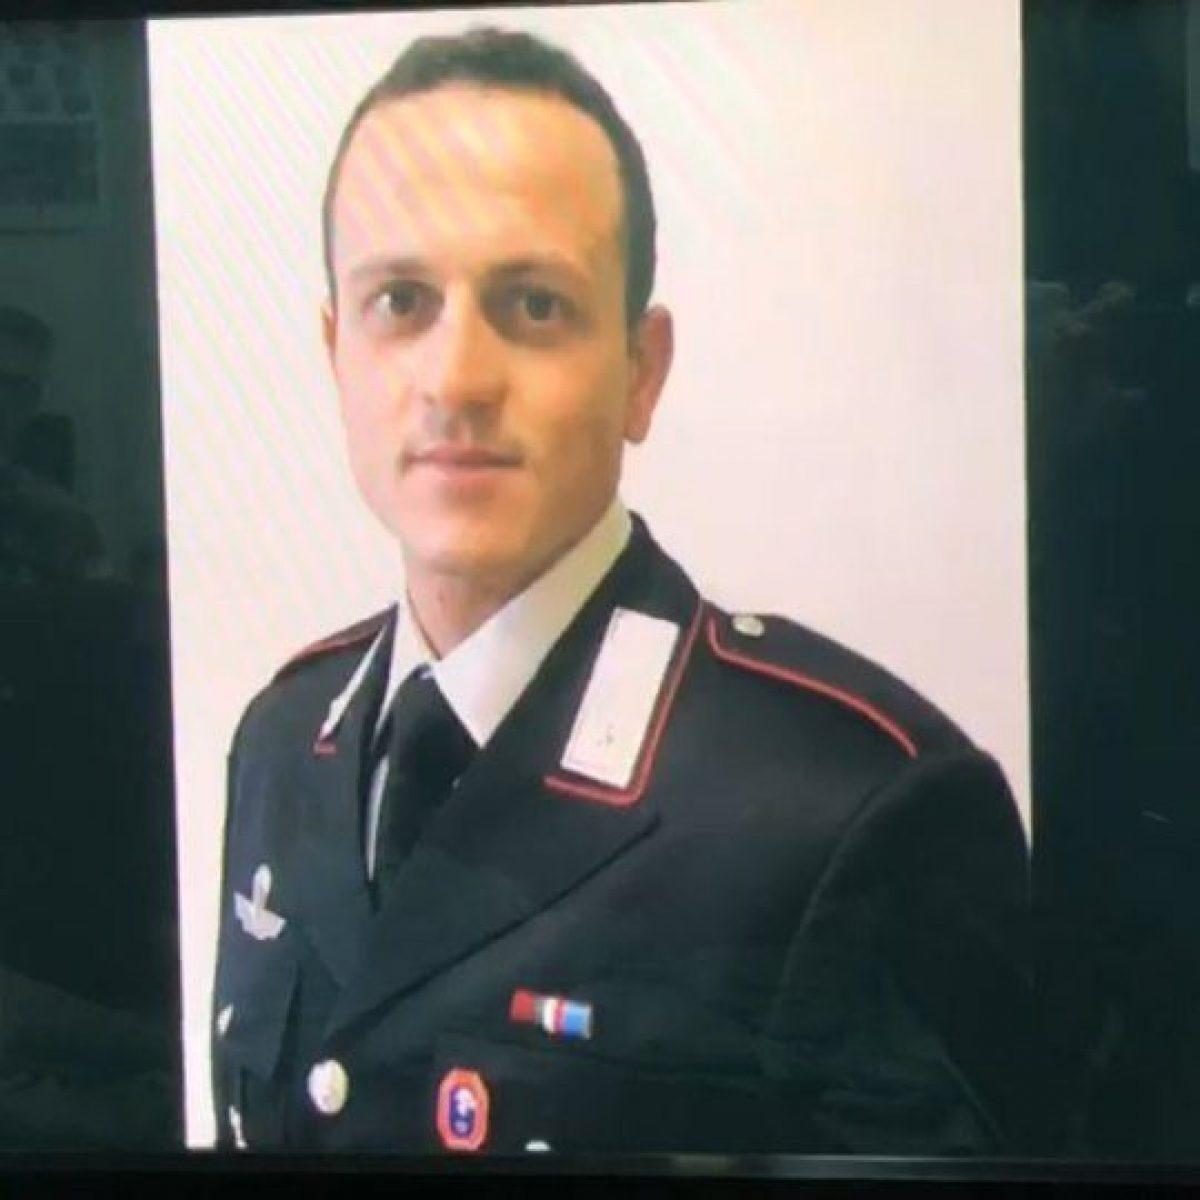 È Vittorio Iacovacci il carabiniere ucciso in Congo, il sindaco di Sonnino:  Lutto cittadino